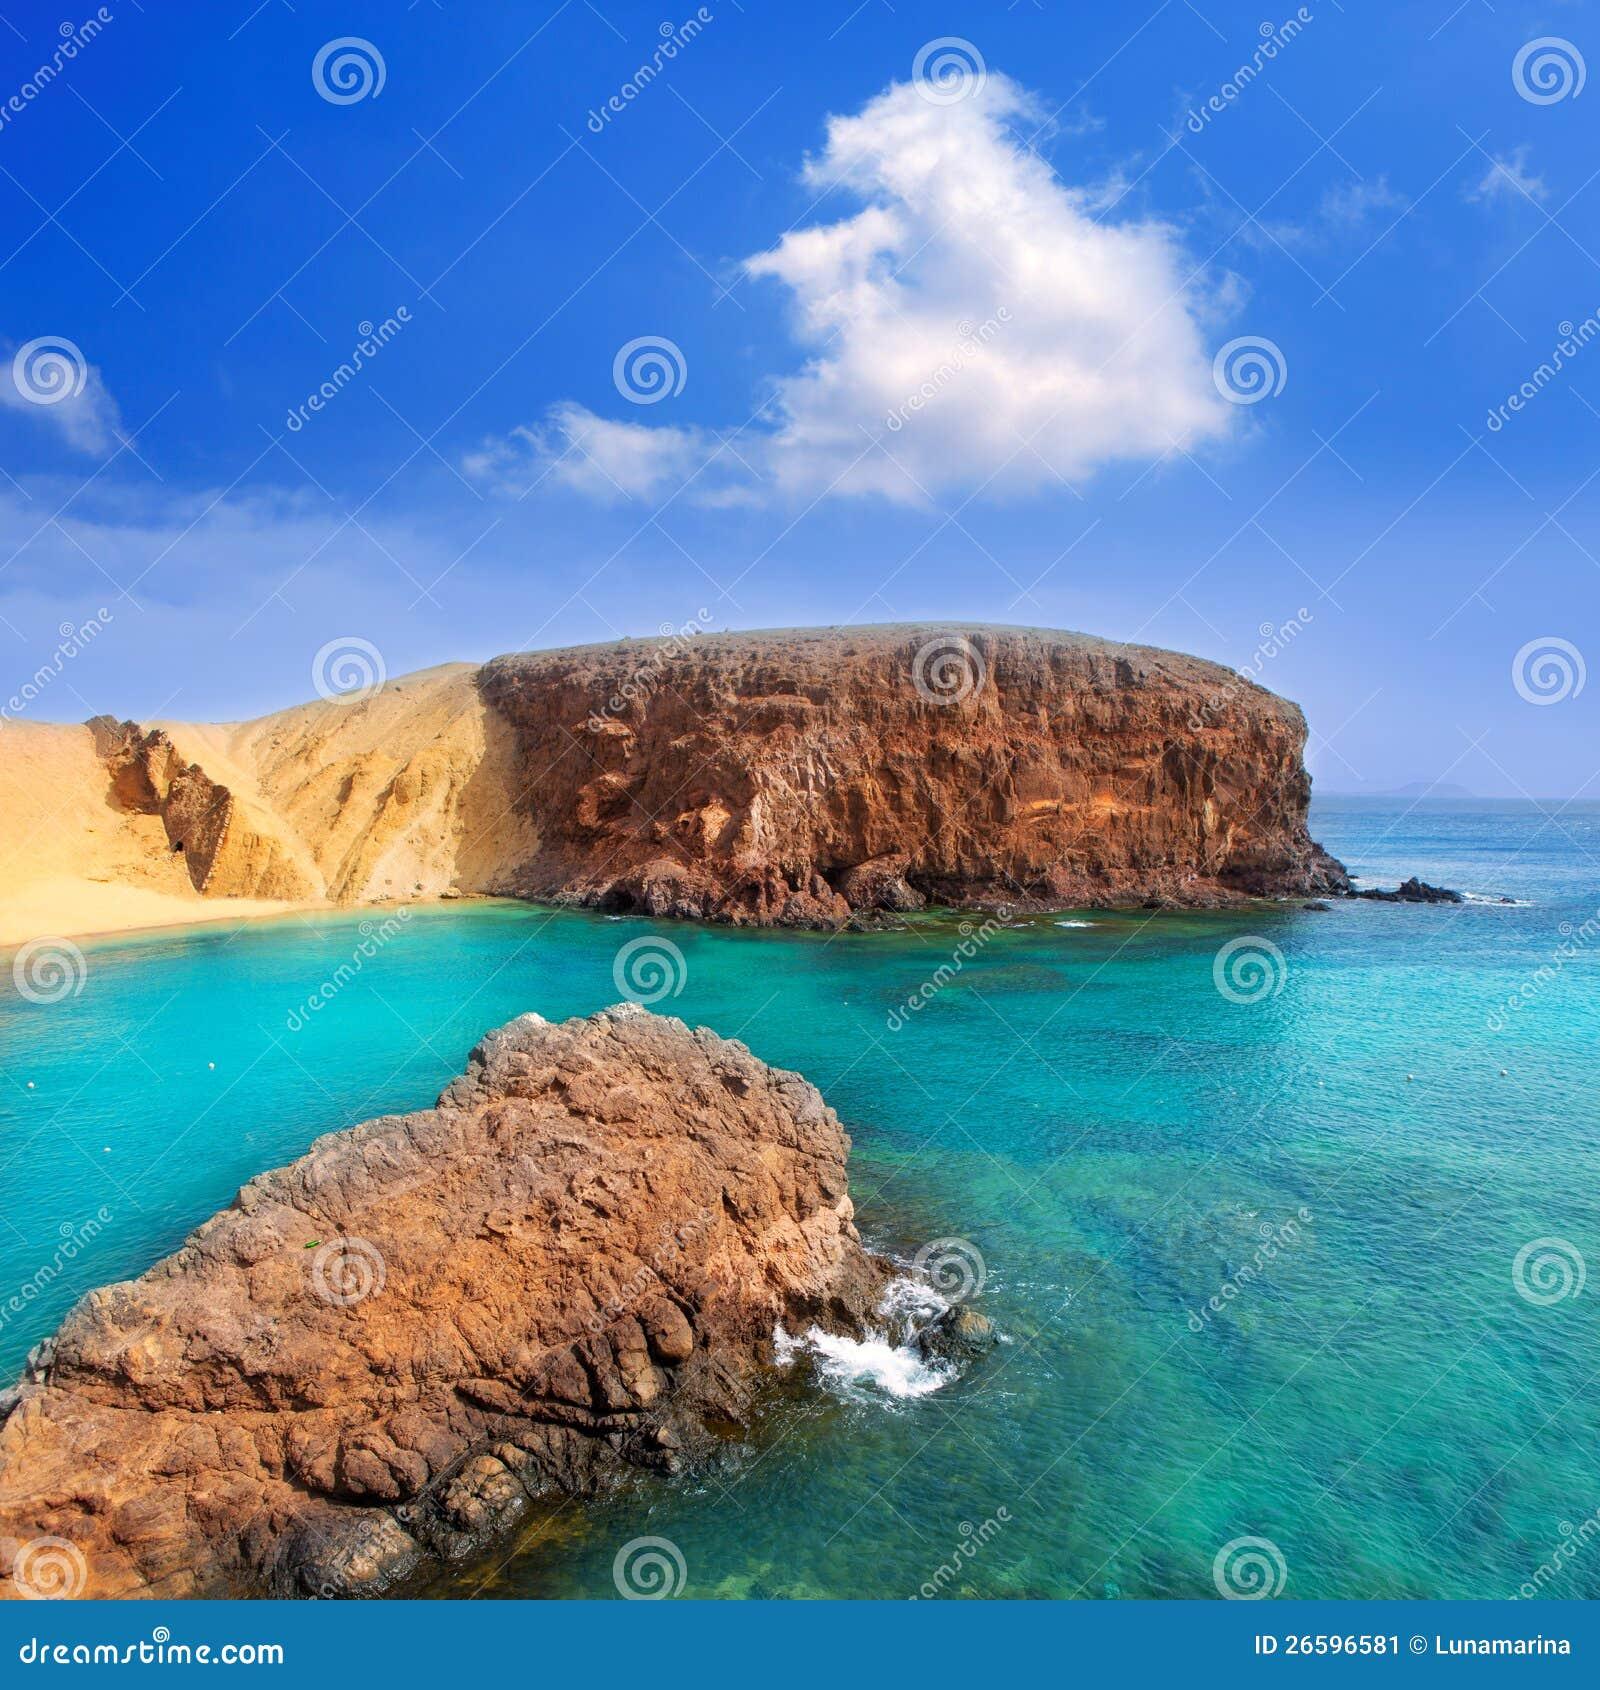 lanzarote gr papagayo playa strand in de canarische eilanden stock afbeelding afbeelding. Black Bedroom Furniture Sets. Home Design Ideas